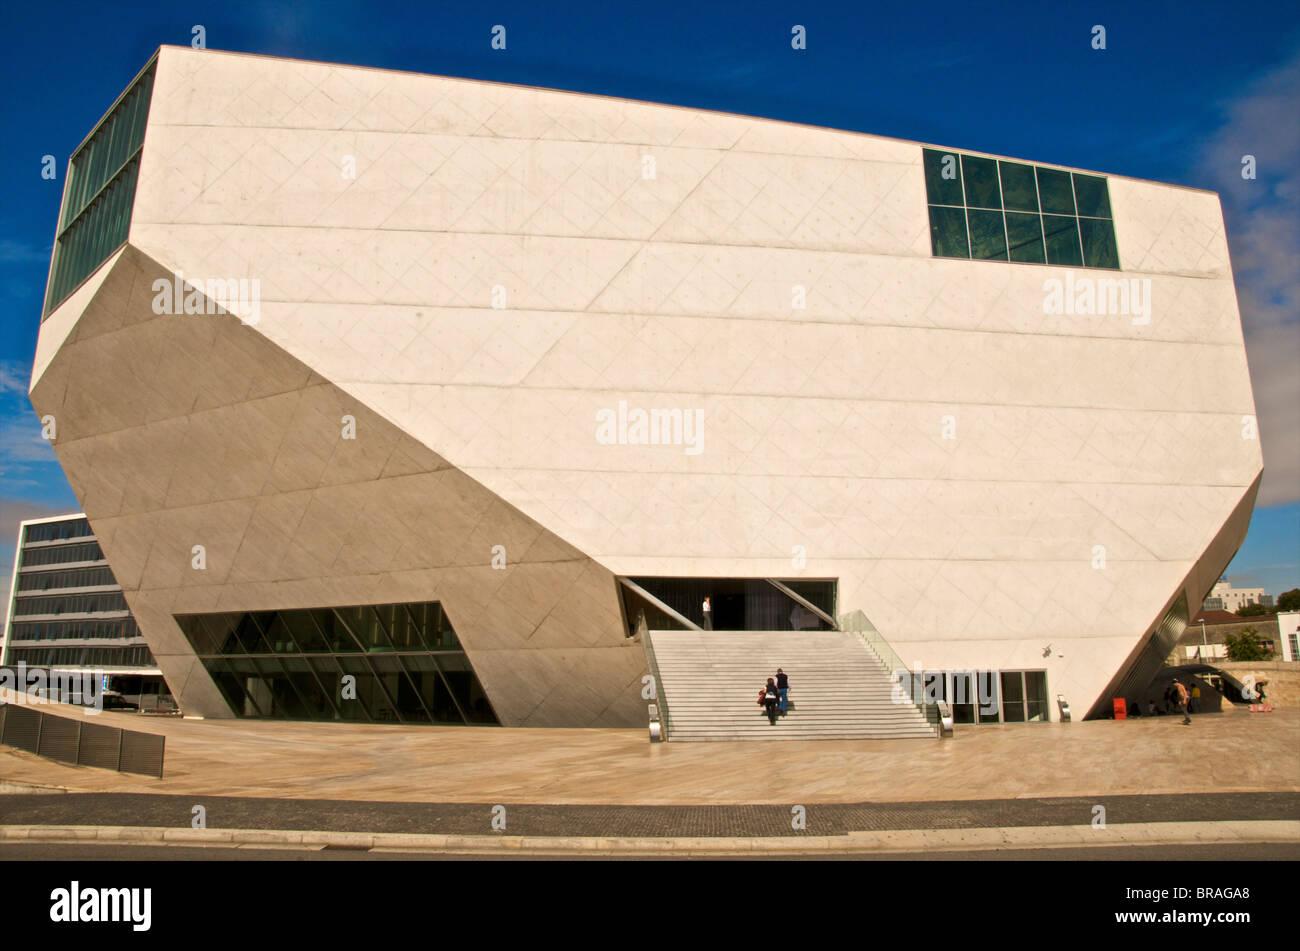 Exterior de la Casa da Musica Concert Hall, el arquitecto Rem Koolhaas, Oporto, Portugal, Europa Imagen De Stock